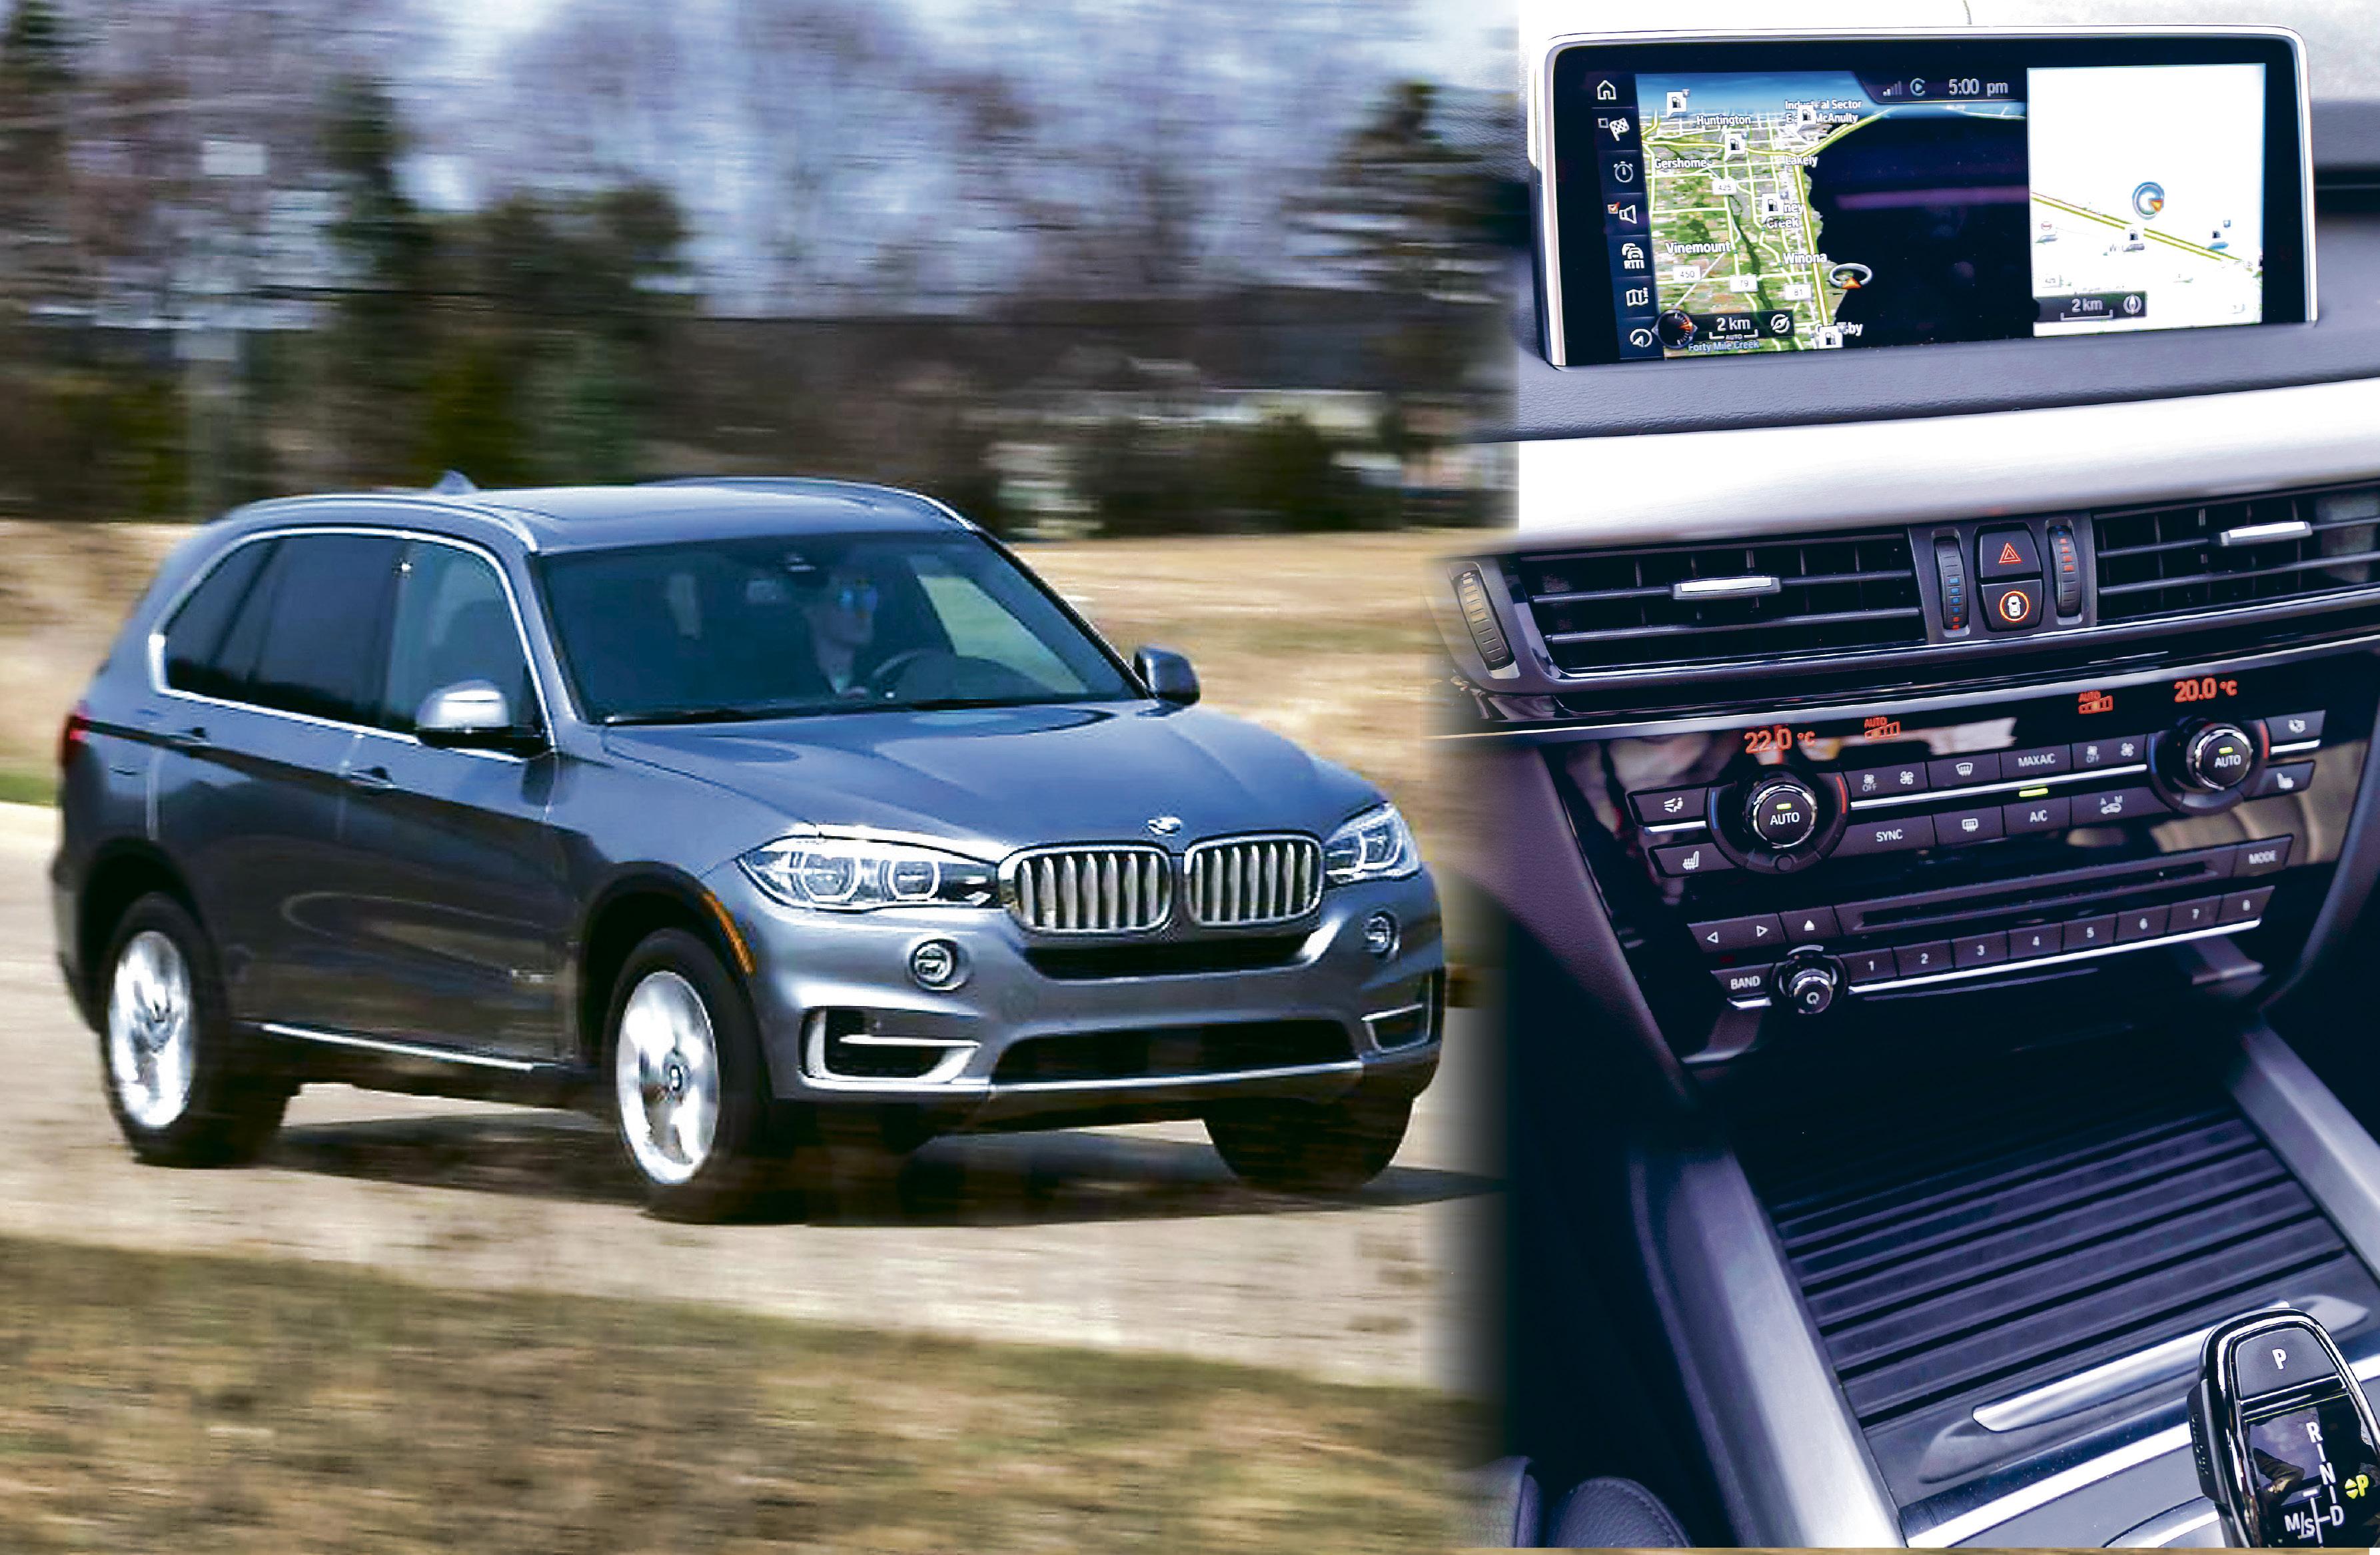 ■其中一个与讼人购买了一辆宝马X5 xDrive35i汽车(与图中汽车同款)。右为该款X5车厢内的GPS装置。网上图片